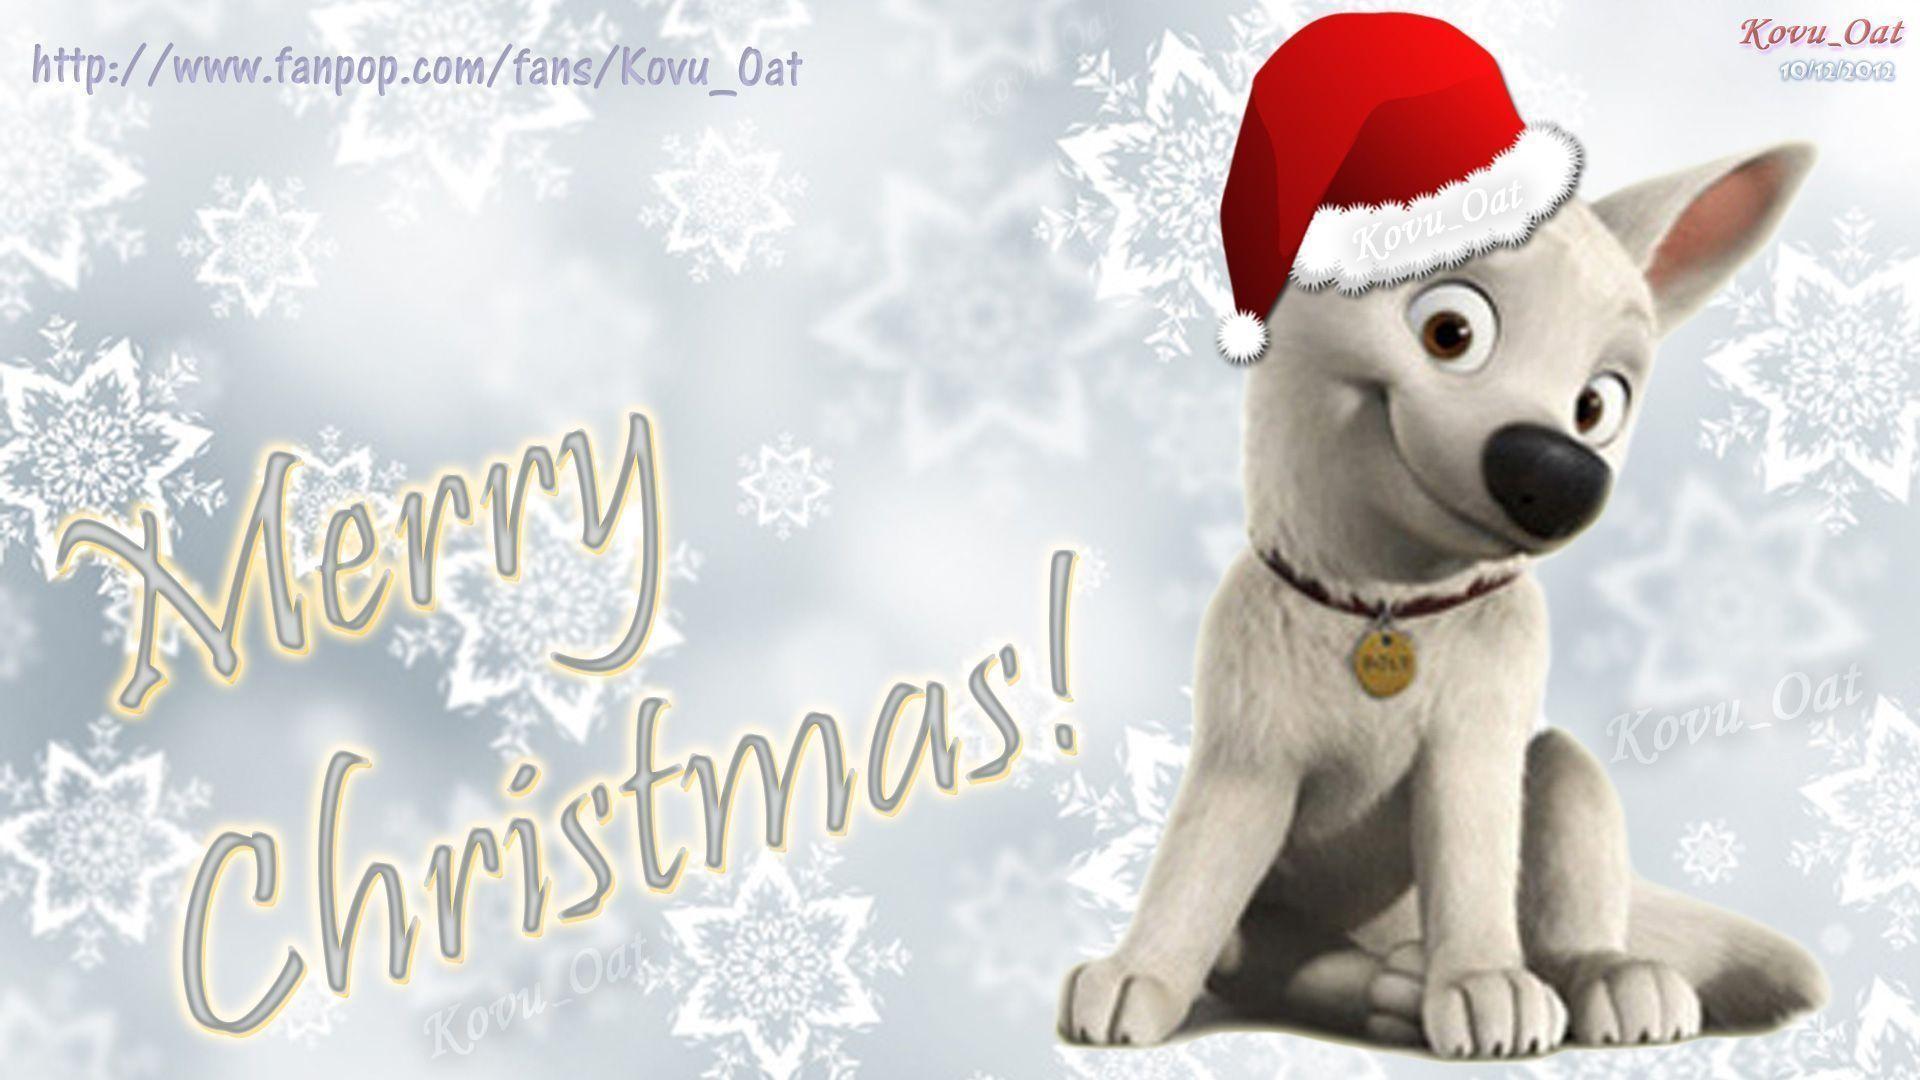 Cute Merry Christmas Wallpaper ClickHdWallpapers